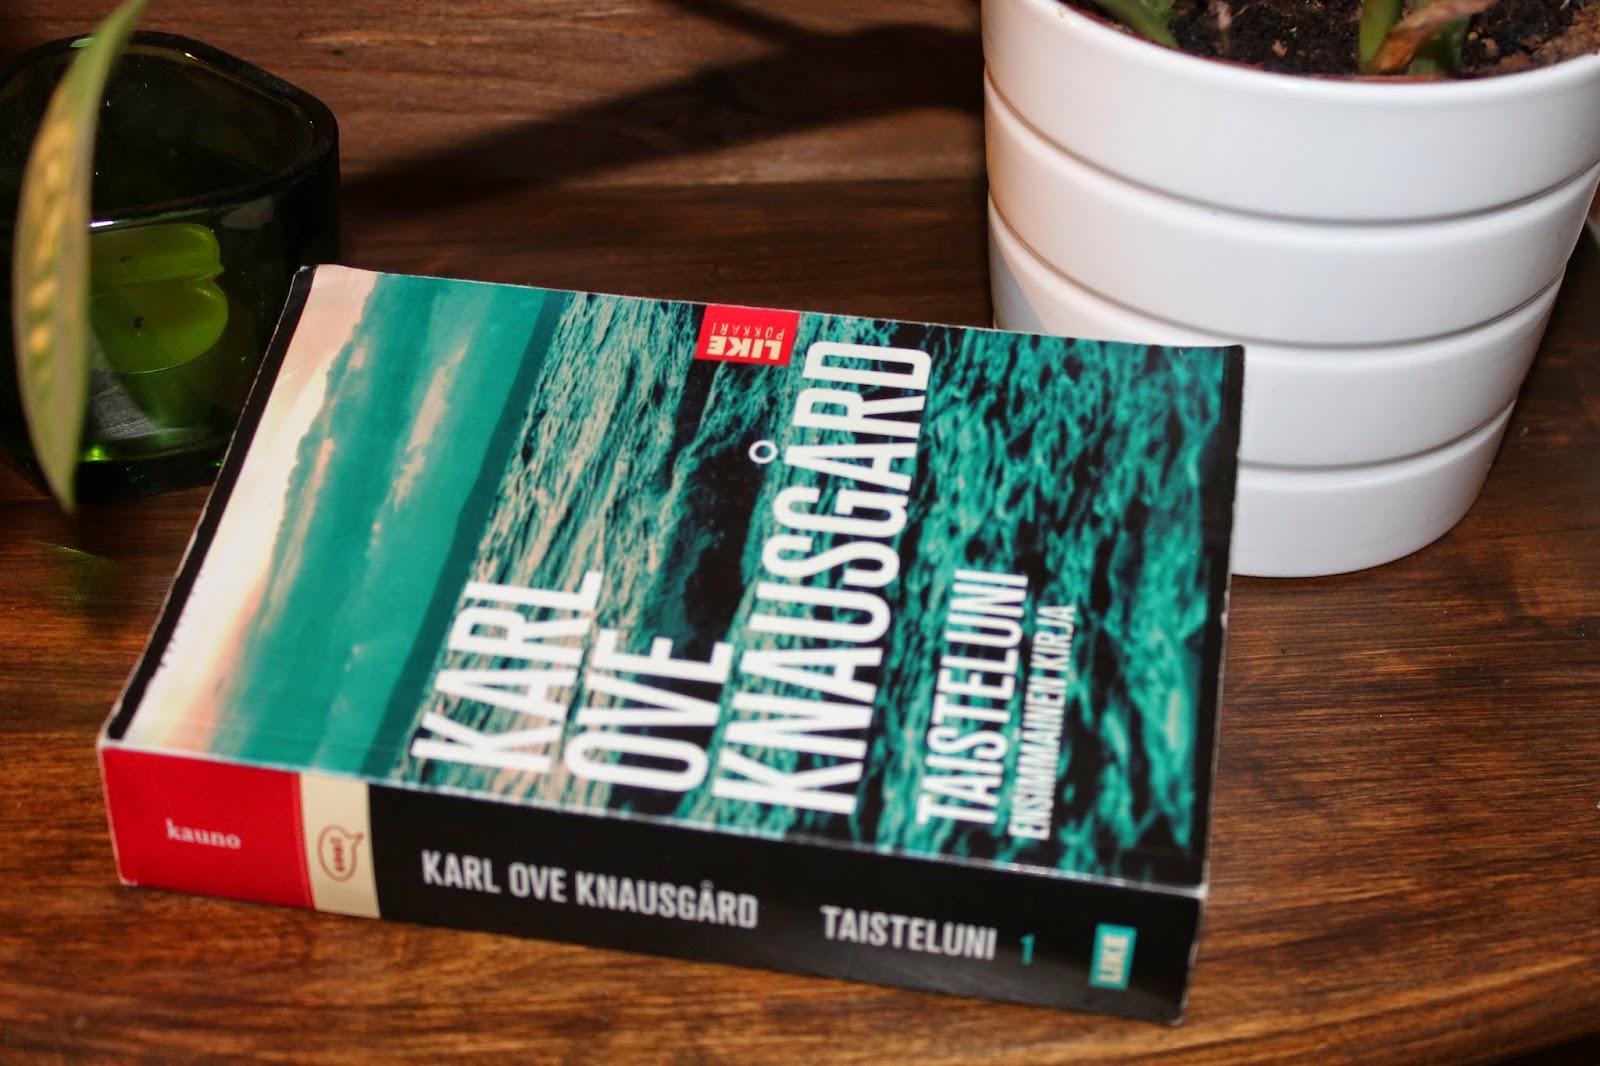 Karl Ove Knausgård Taisteluni